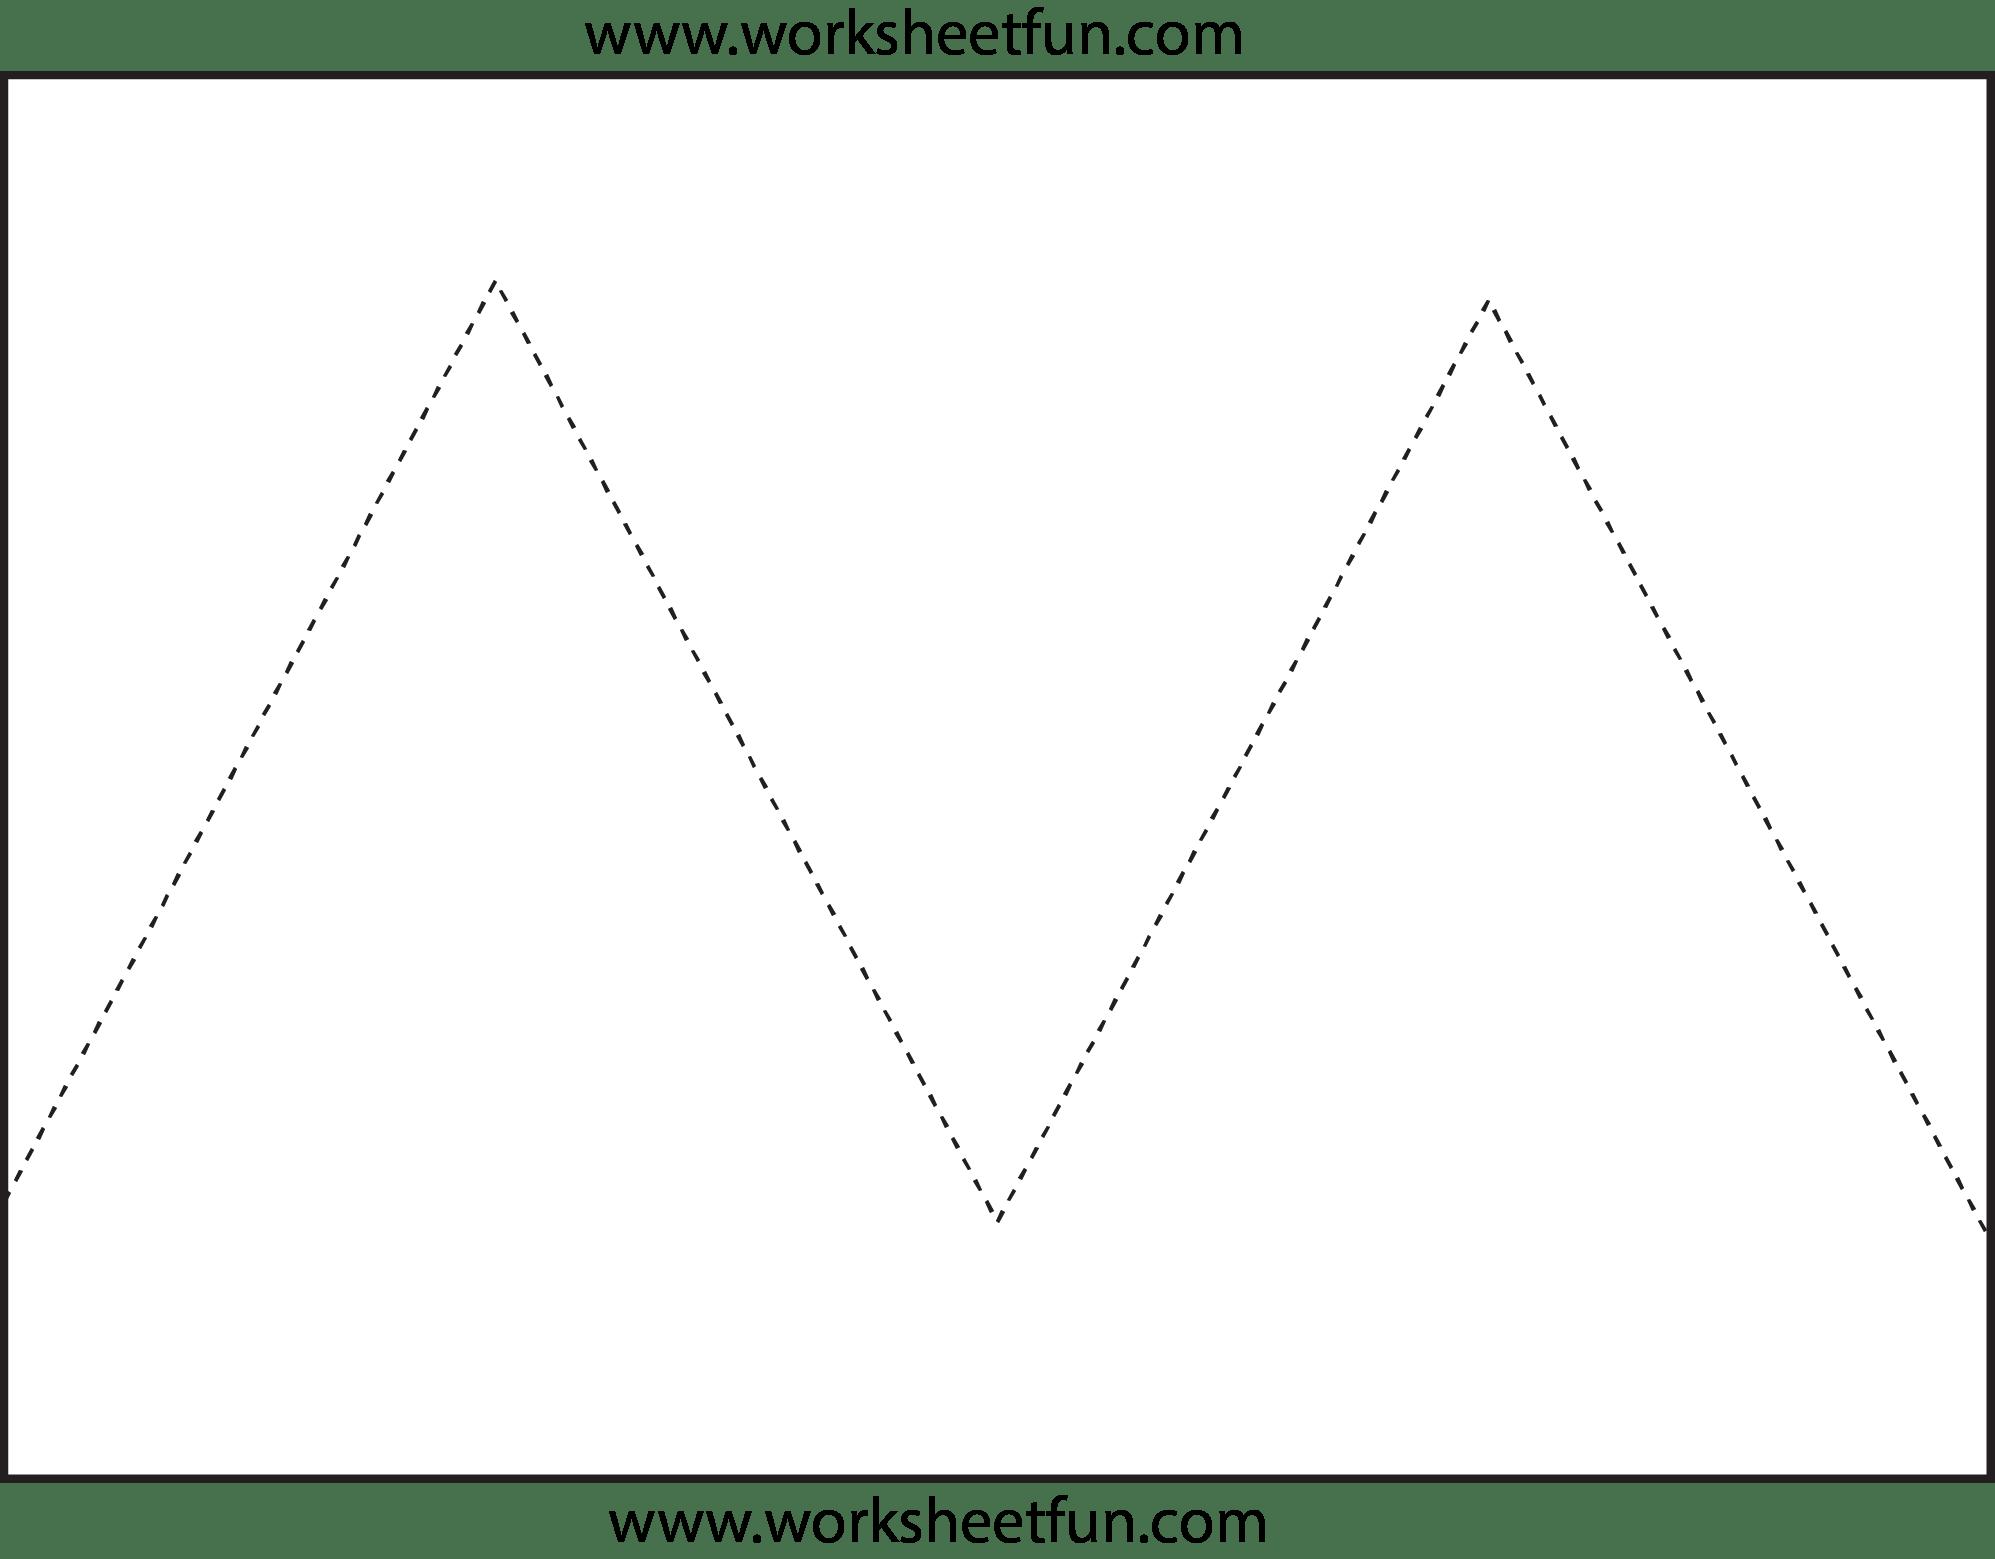 Zig Zag Line Tracing 7 Worksheets Free Printable Worksheets Worksheetfun